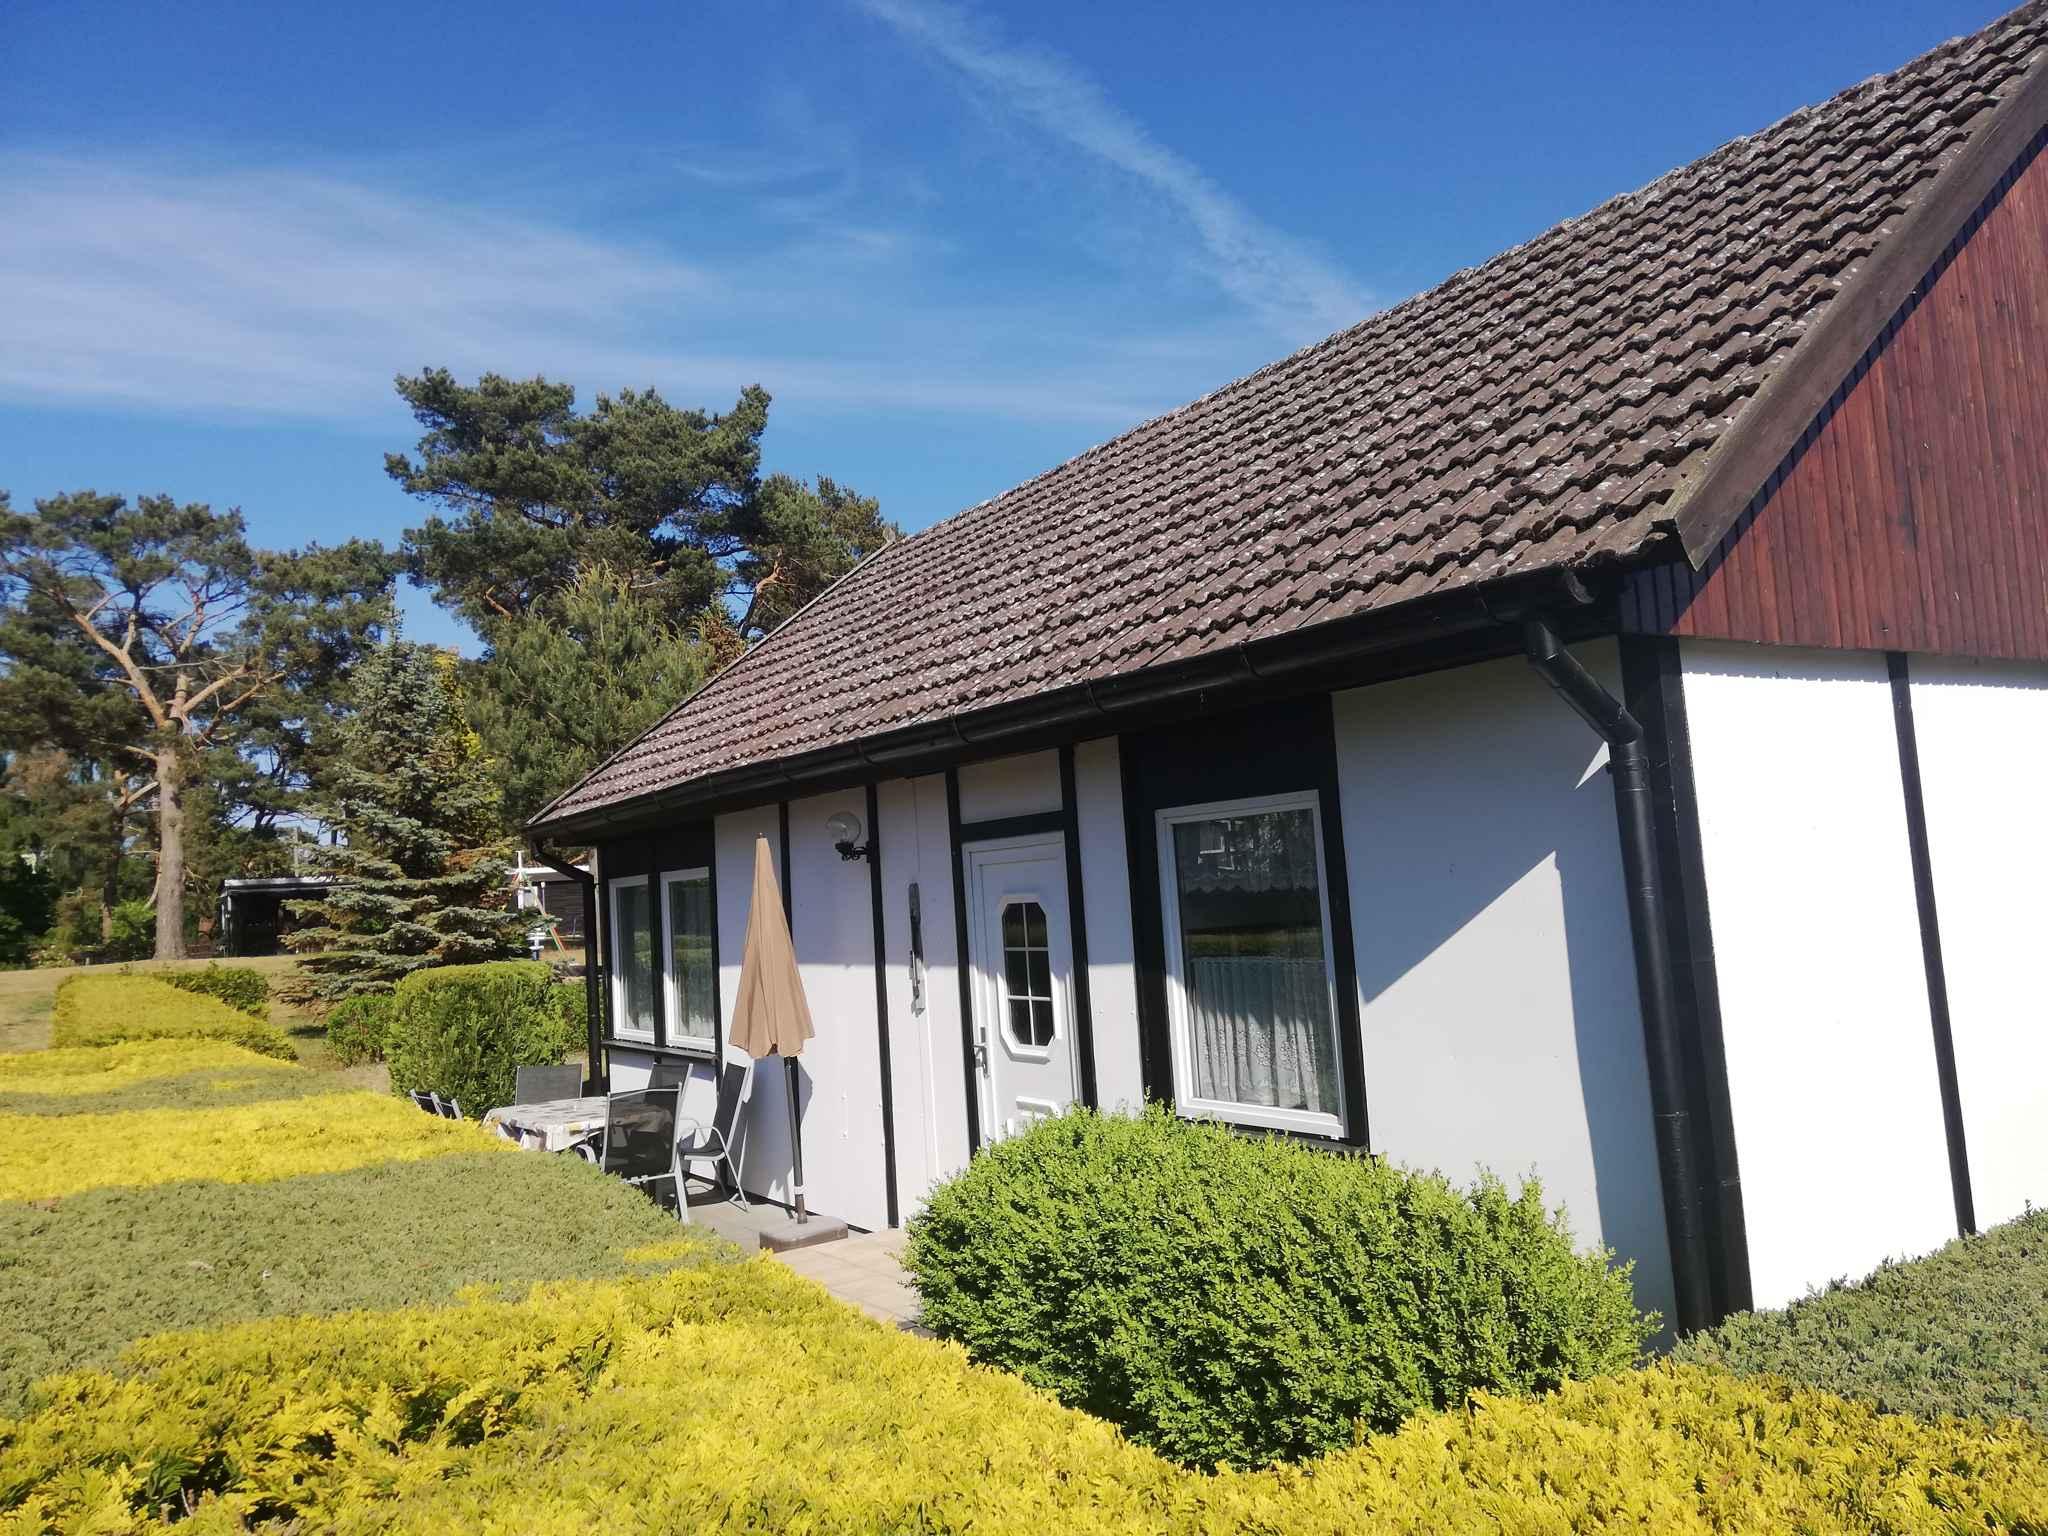 Ferienhaus Bungalow mit Terrasse und Garten (356736), Fuhlendorf, Ostseeküste Mecklenburg-Vorpommern, Mecklenburg-Vorpommern, Deutschland, Bild 4